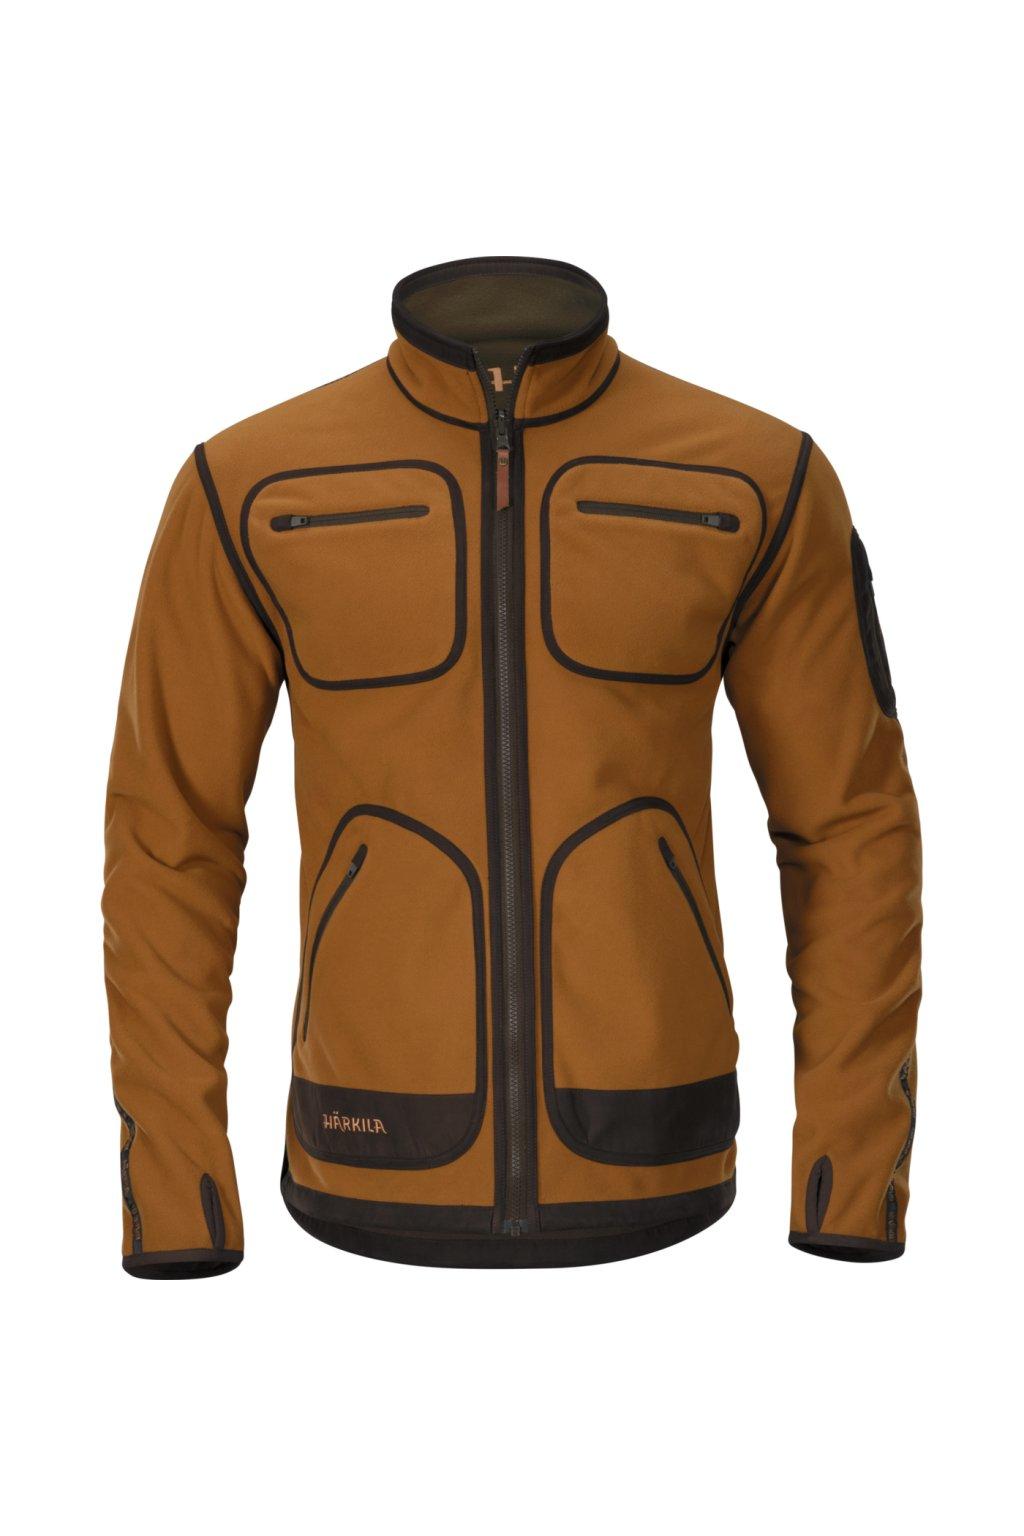 HÄRKILA - Kamko 10 Anniversary fleece jacket